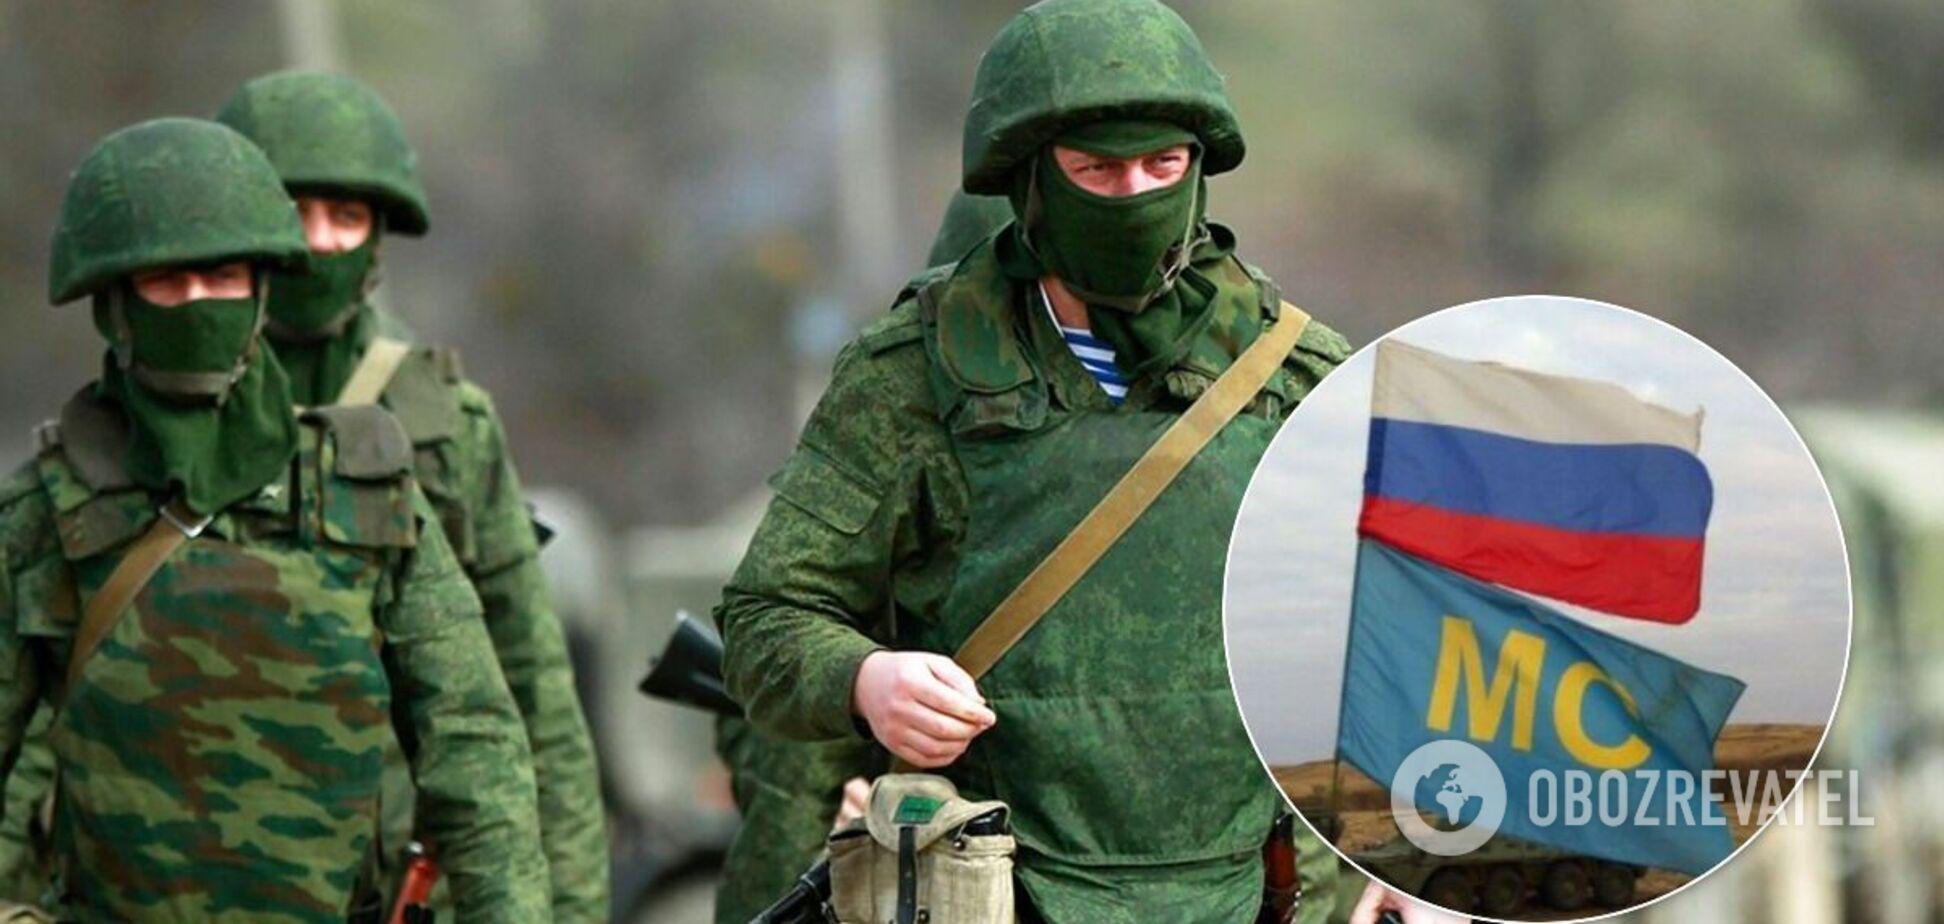 Російські військові брали участь в анексії Криму та окупації Донбасу